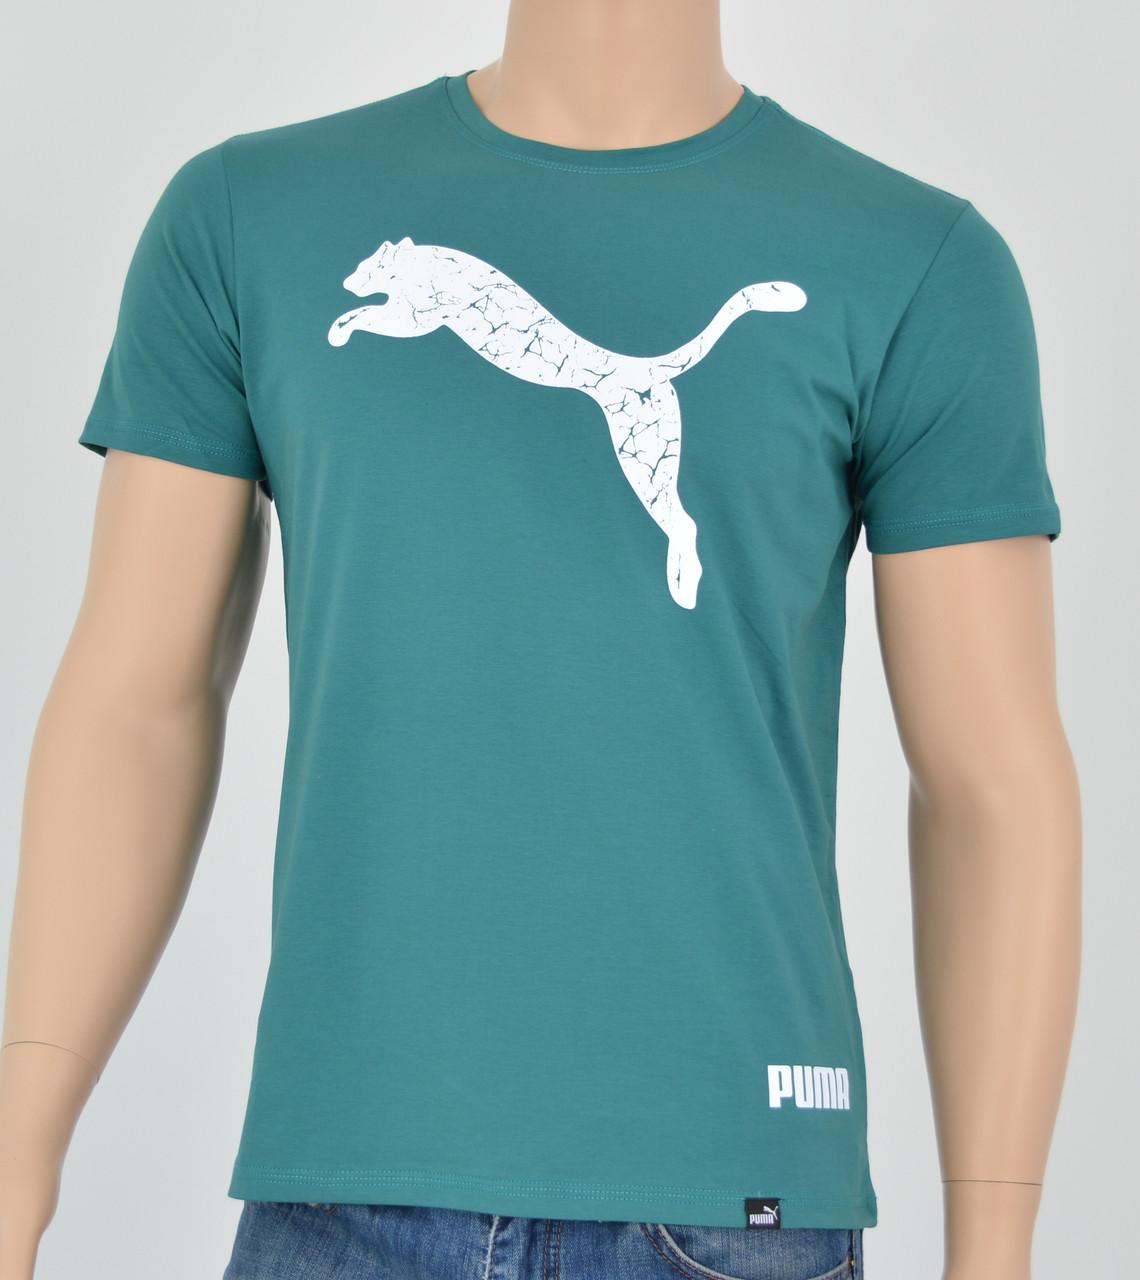 Мужская футболка Puma(реплика) Т.Бирюза+белый